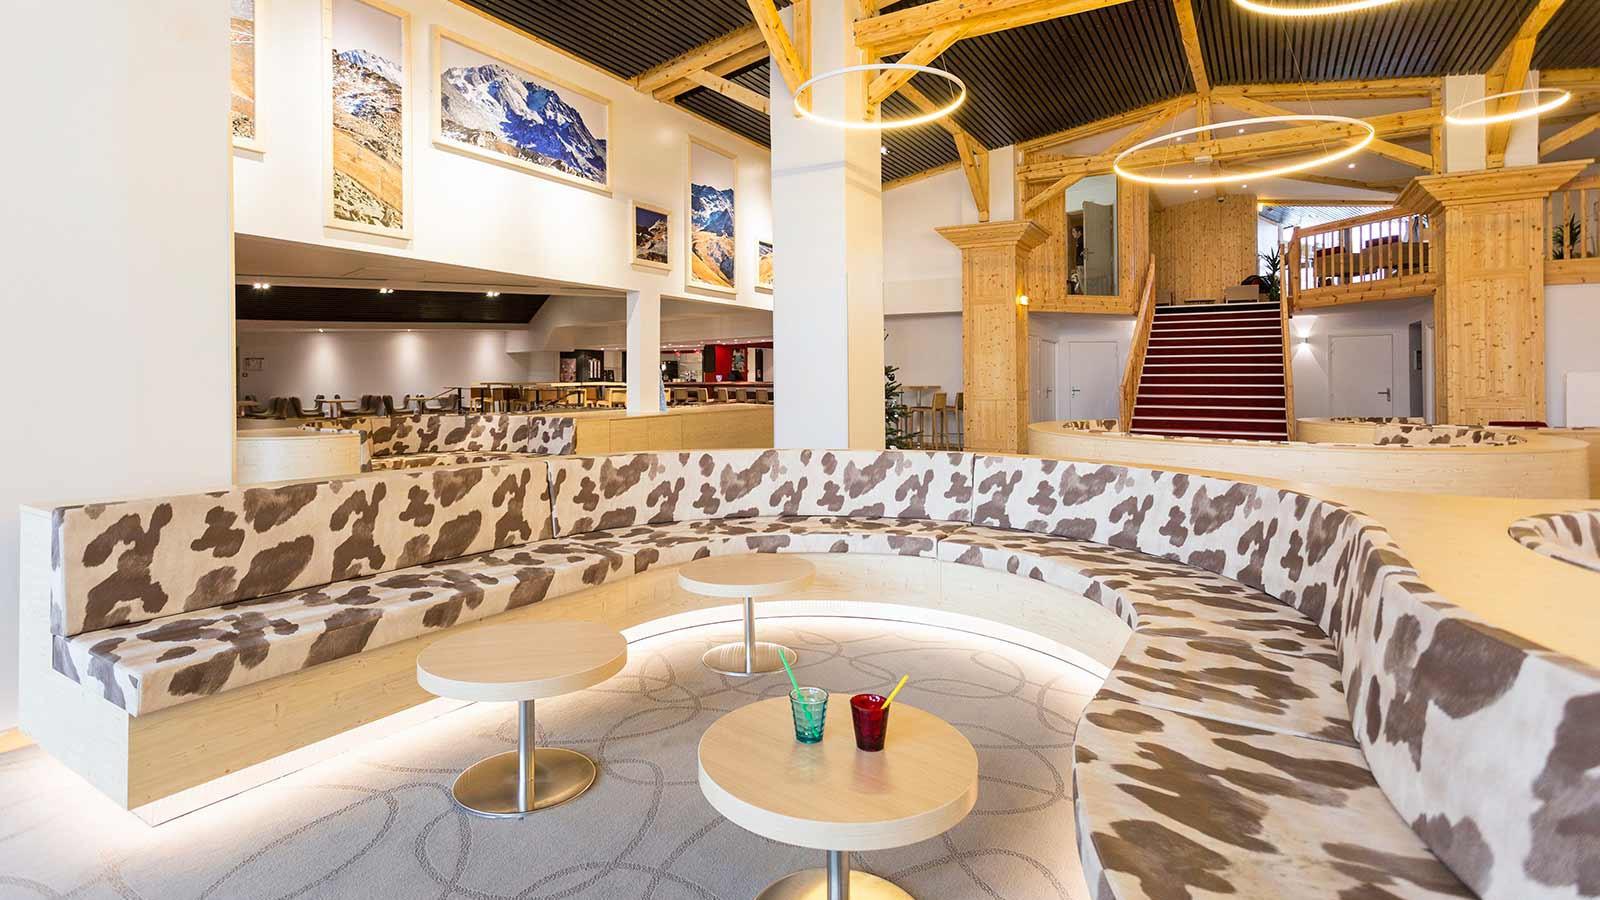 Hotel Club Les Arolles, ValThorens - Public Area 2